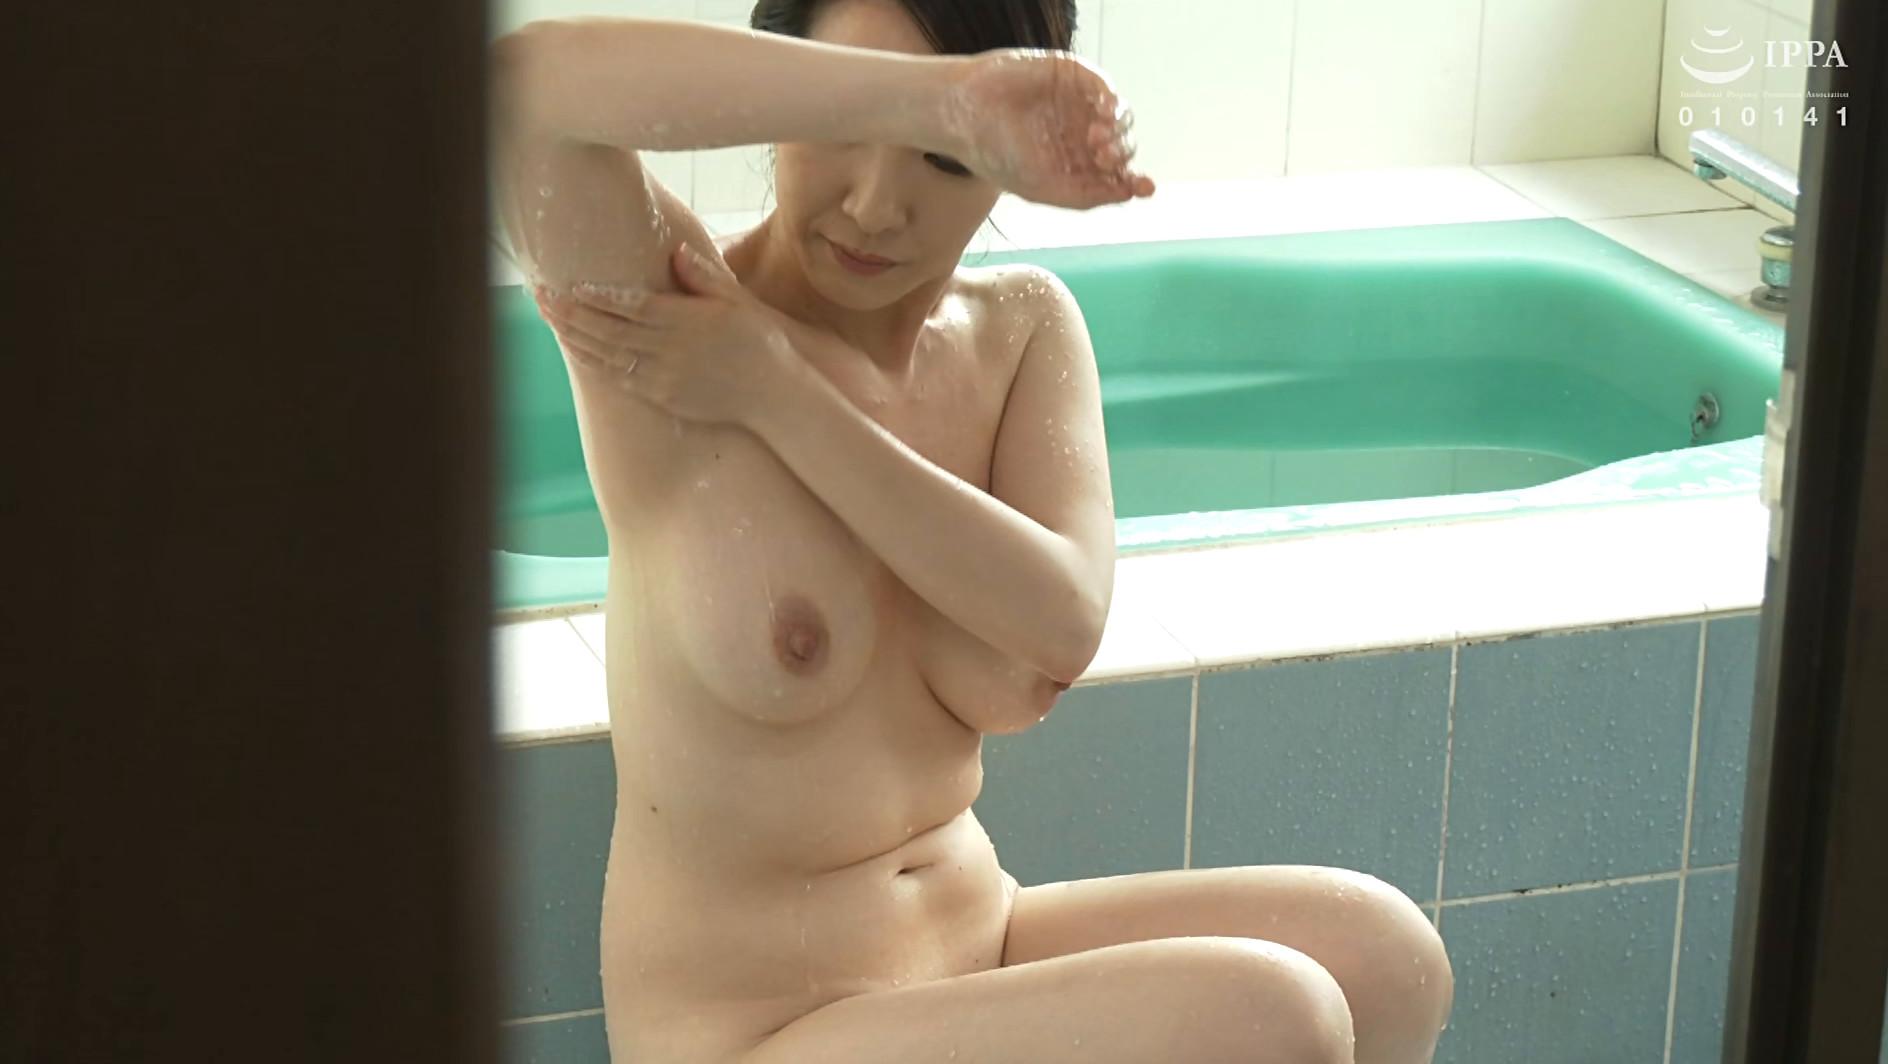 濡れそぼる、母の乳房を、見ていたら。DX 10人4時間 画像11